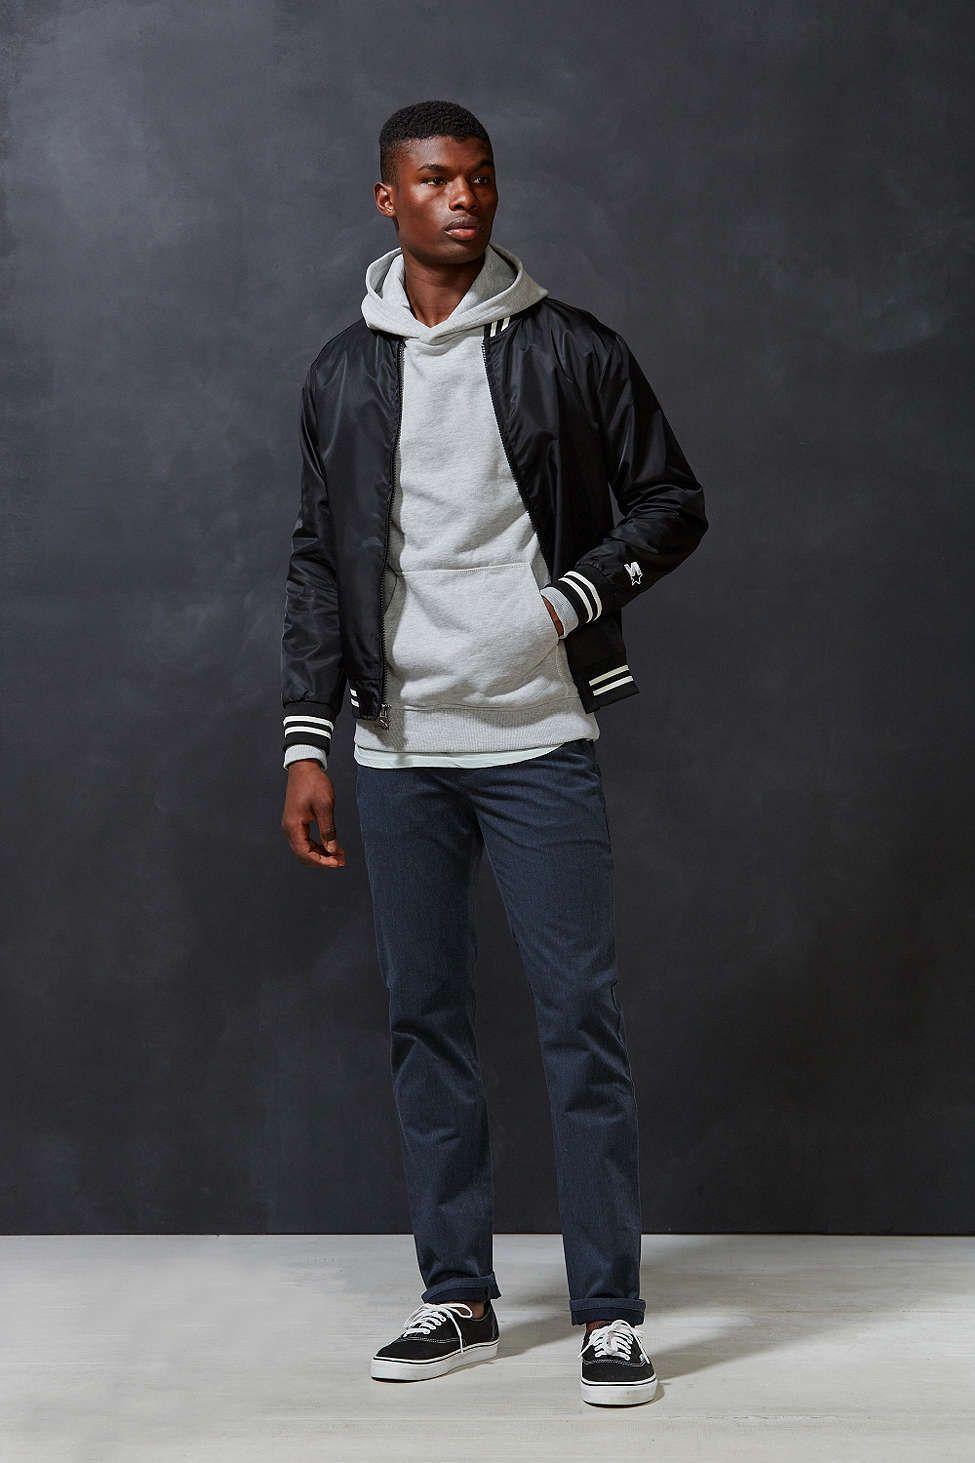 Starter Black Label Uo Athletic Bomber Jacket Slim Fit Bomber Jacket Bomber Jacket Bomber Jacket Men [ 1463 x 975 Pixel ]